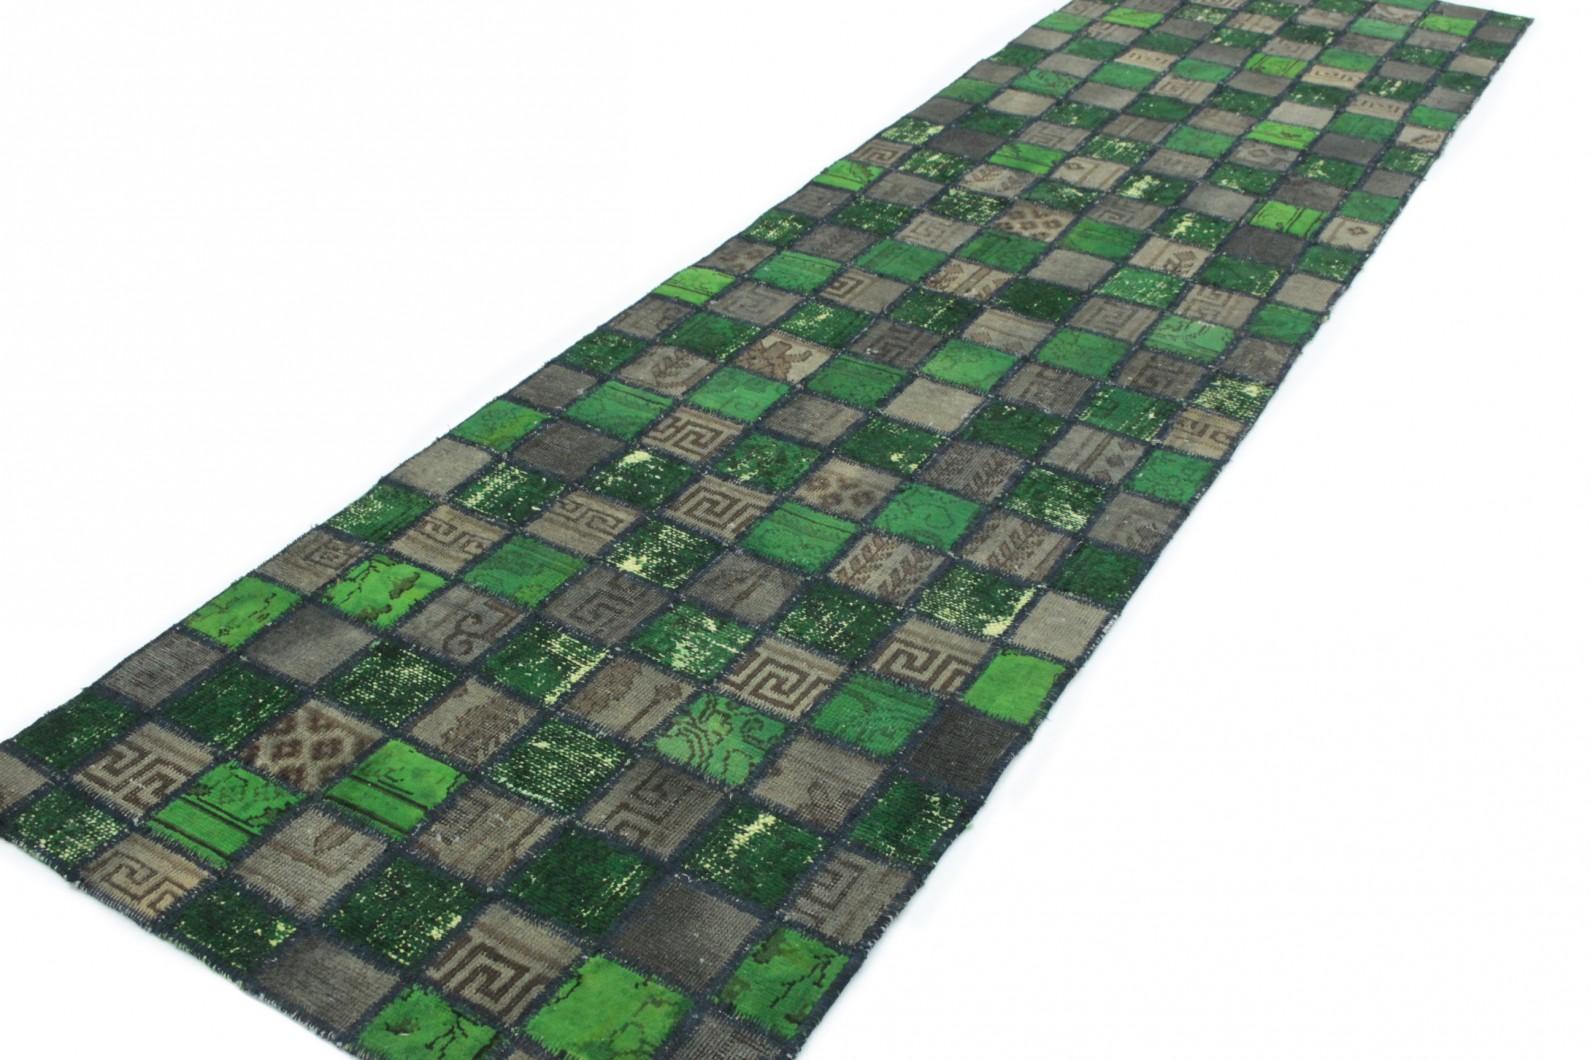 Teppich läufer grün  Patchwork Teppich Läufer Grün Schlamm in 310x80 (1001-167112) bei ...